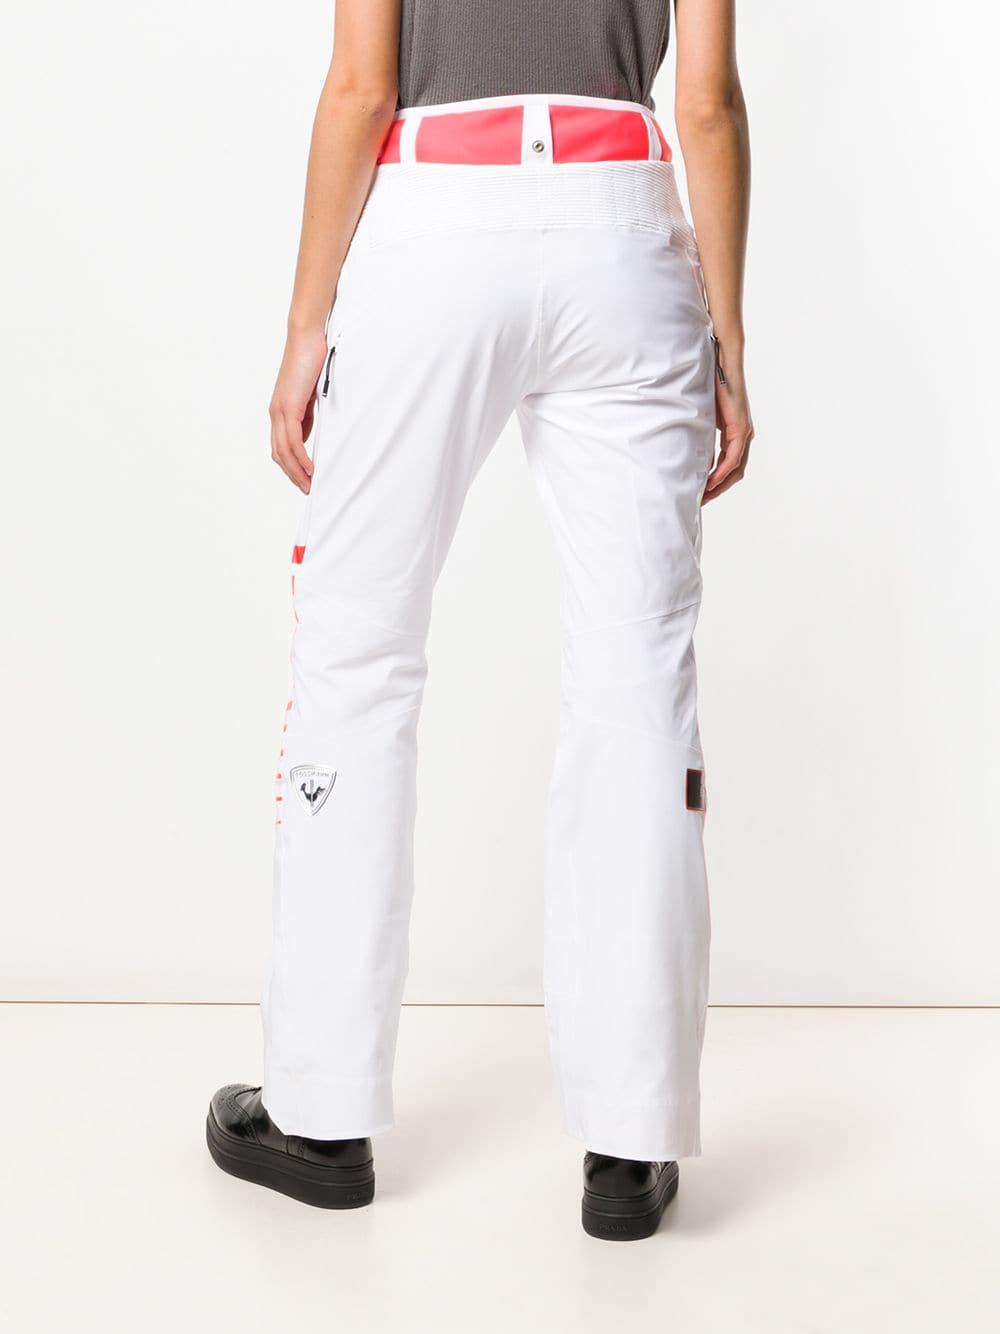 Pantalones Atelier Course de esquí Rossignol de Tejido sintético de color Blanco